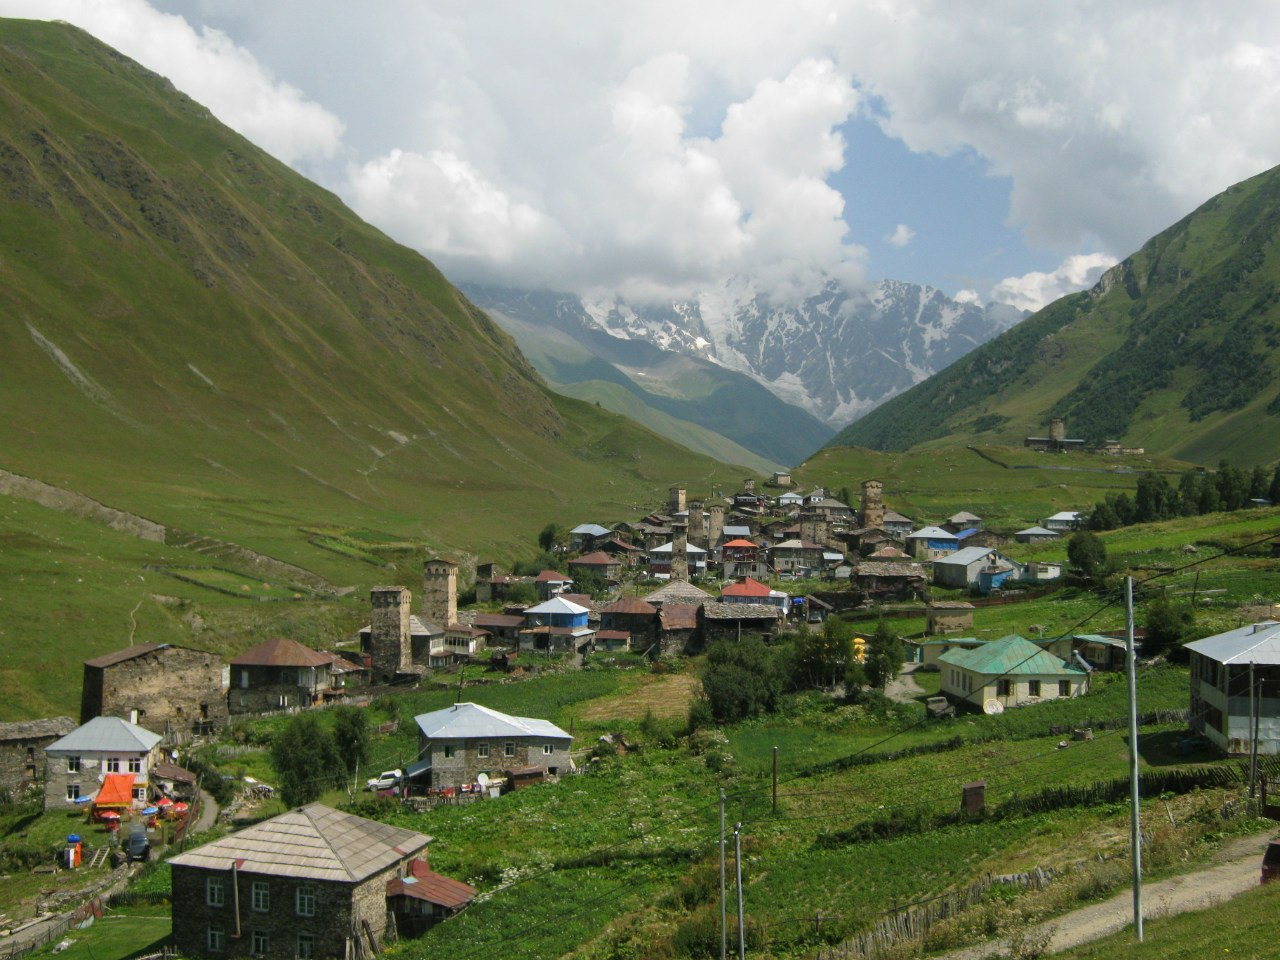 Община Ушгули, его старинные башни, и высокие окружающие горы.